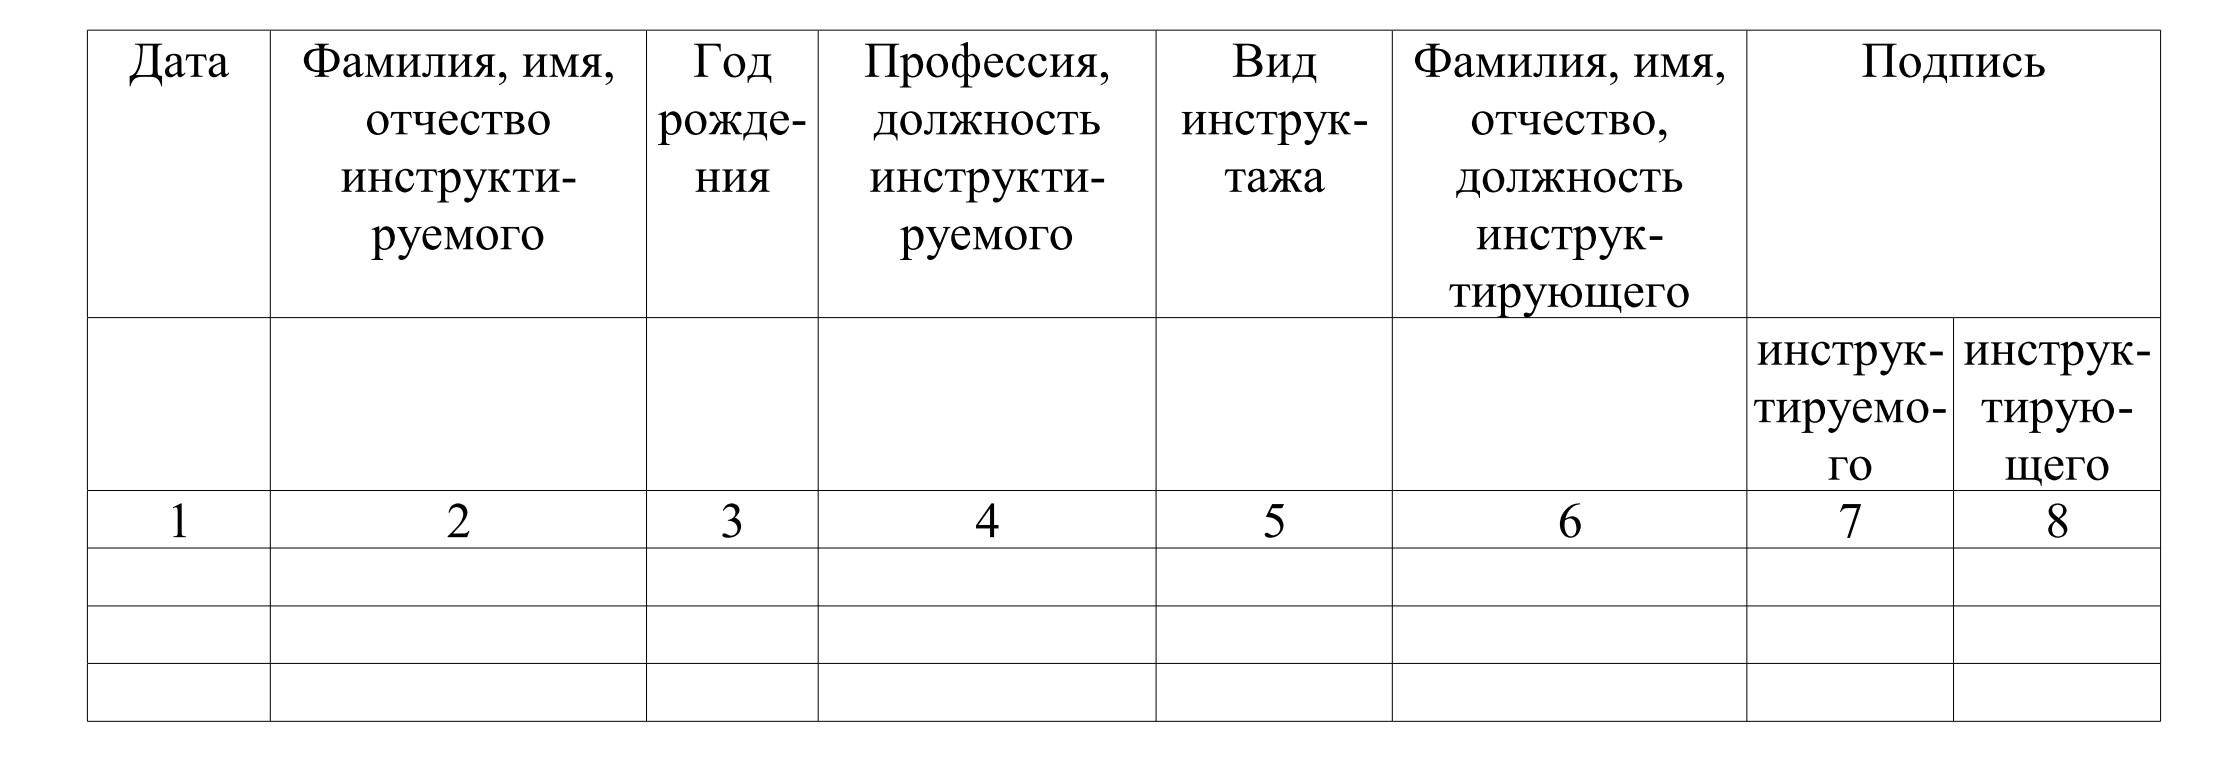 О чем гласит 645 приказ мчс россии с изменениями в 2018 году.